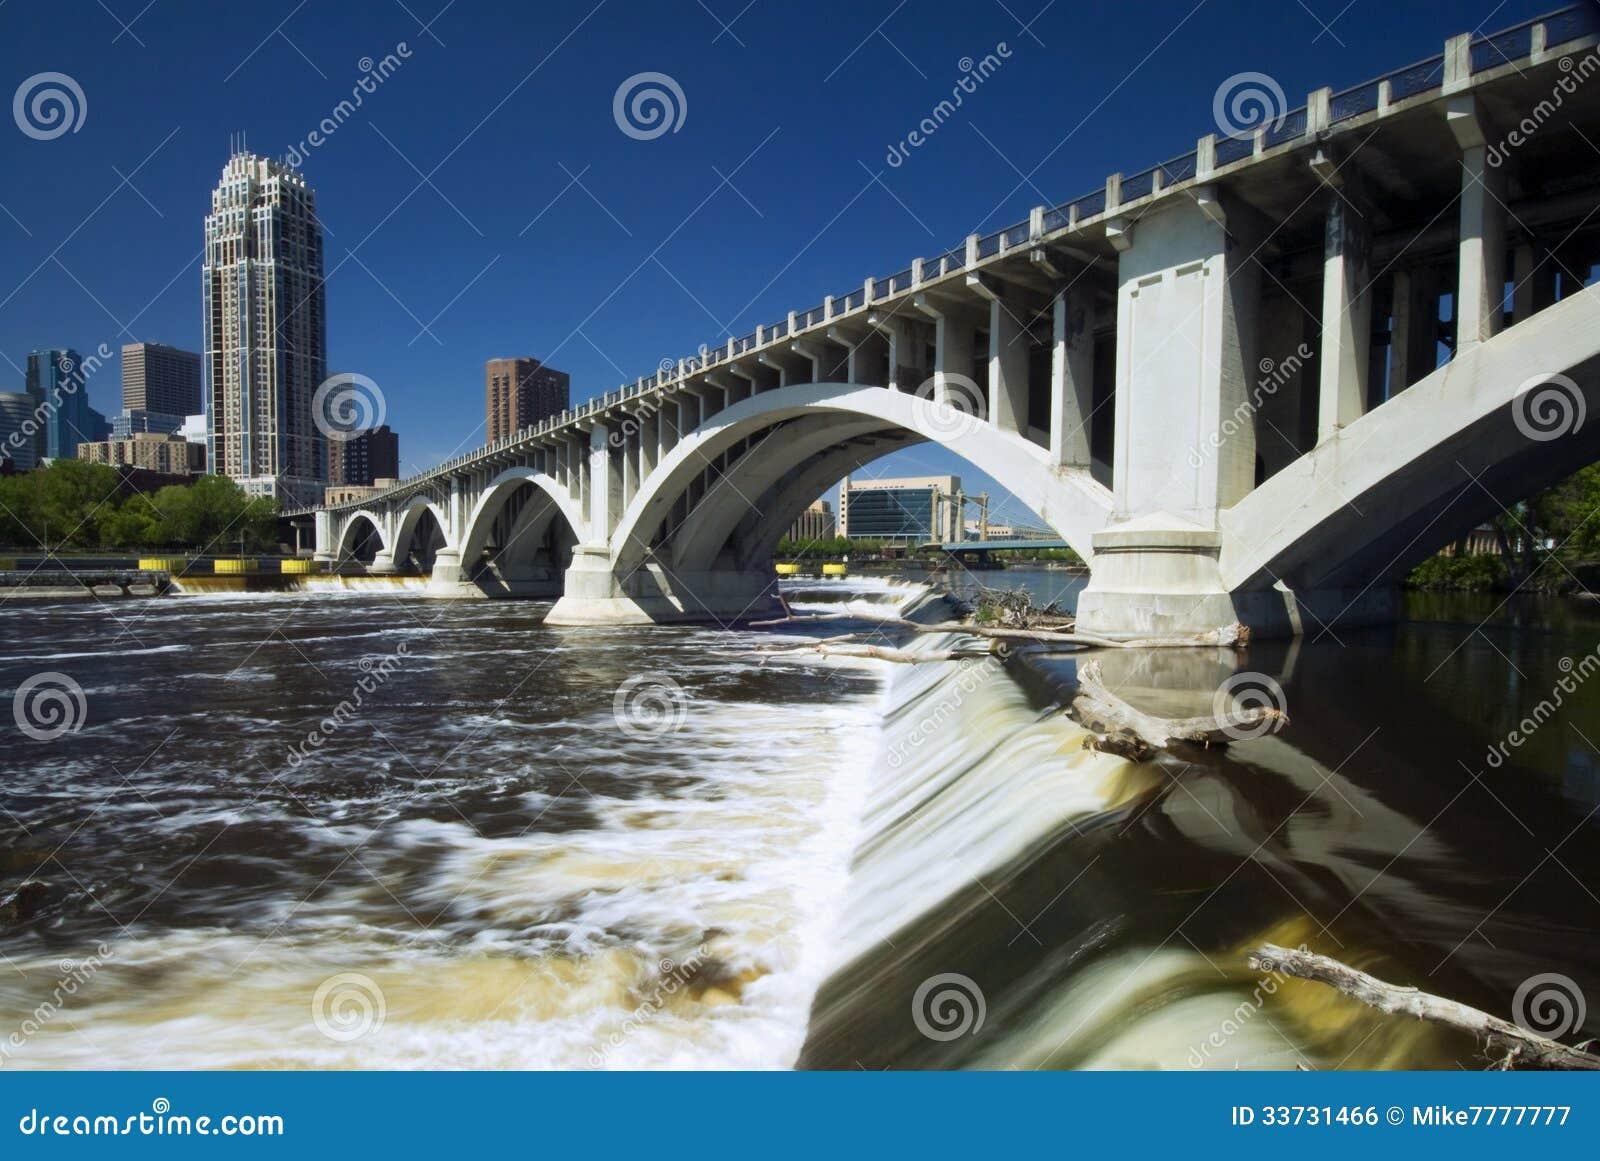 Terceira ponte da avenida acima de Saint Anthony Falls. Minneapolis, Minnesota, EUA